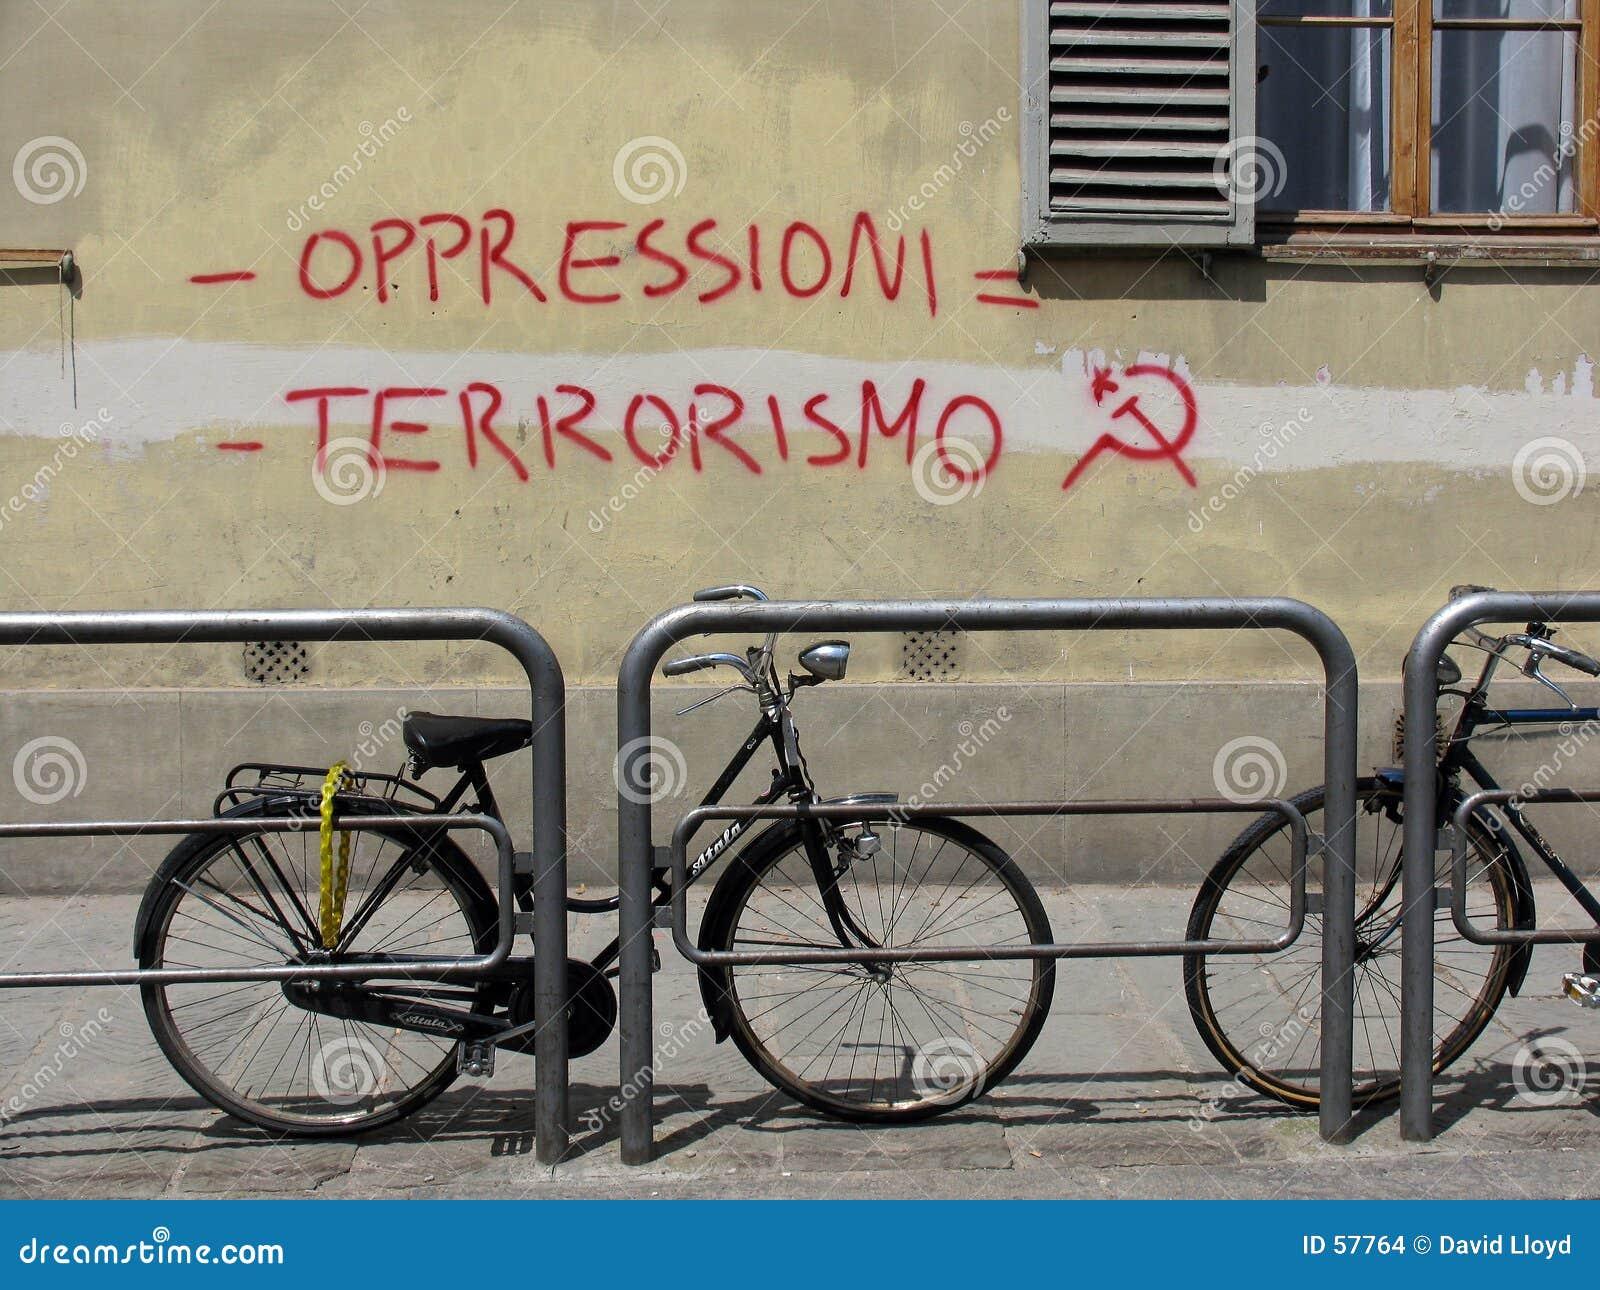 街道画意大利语